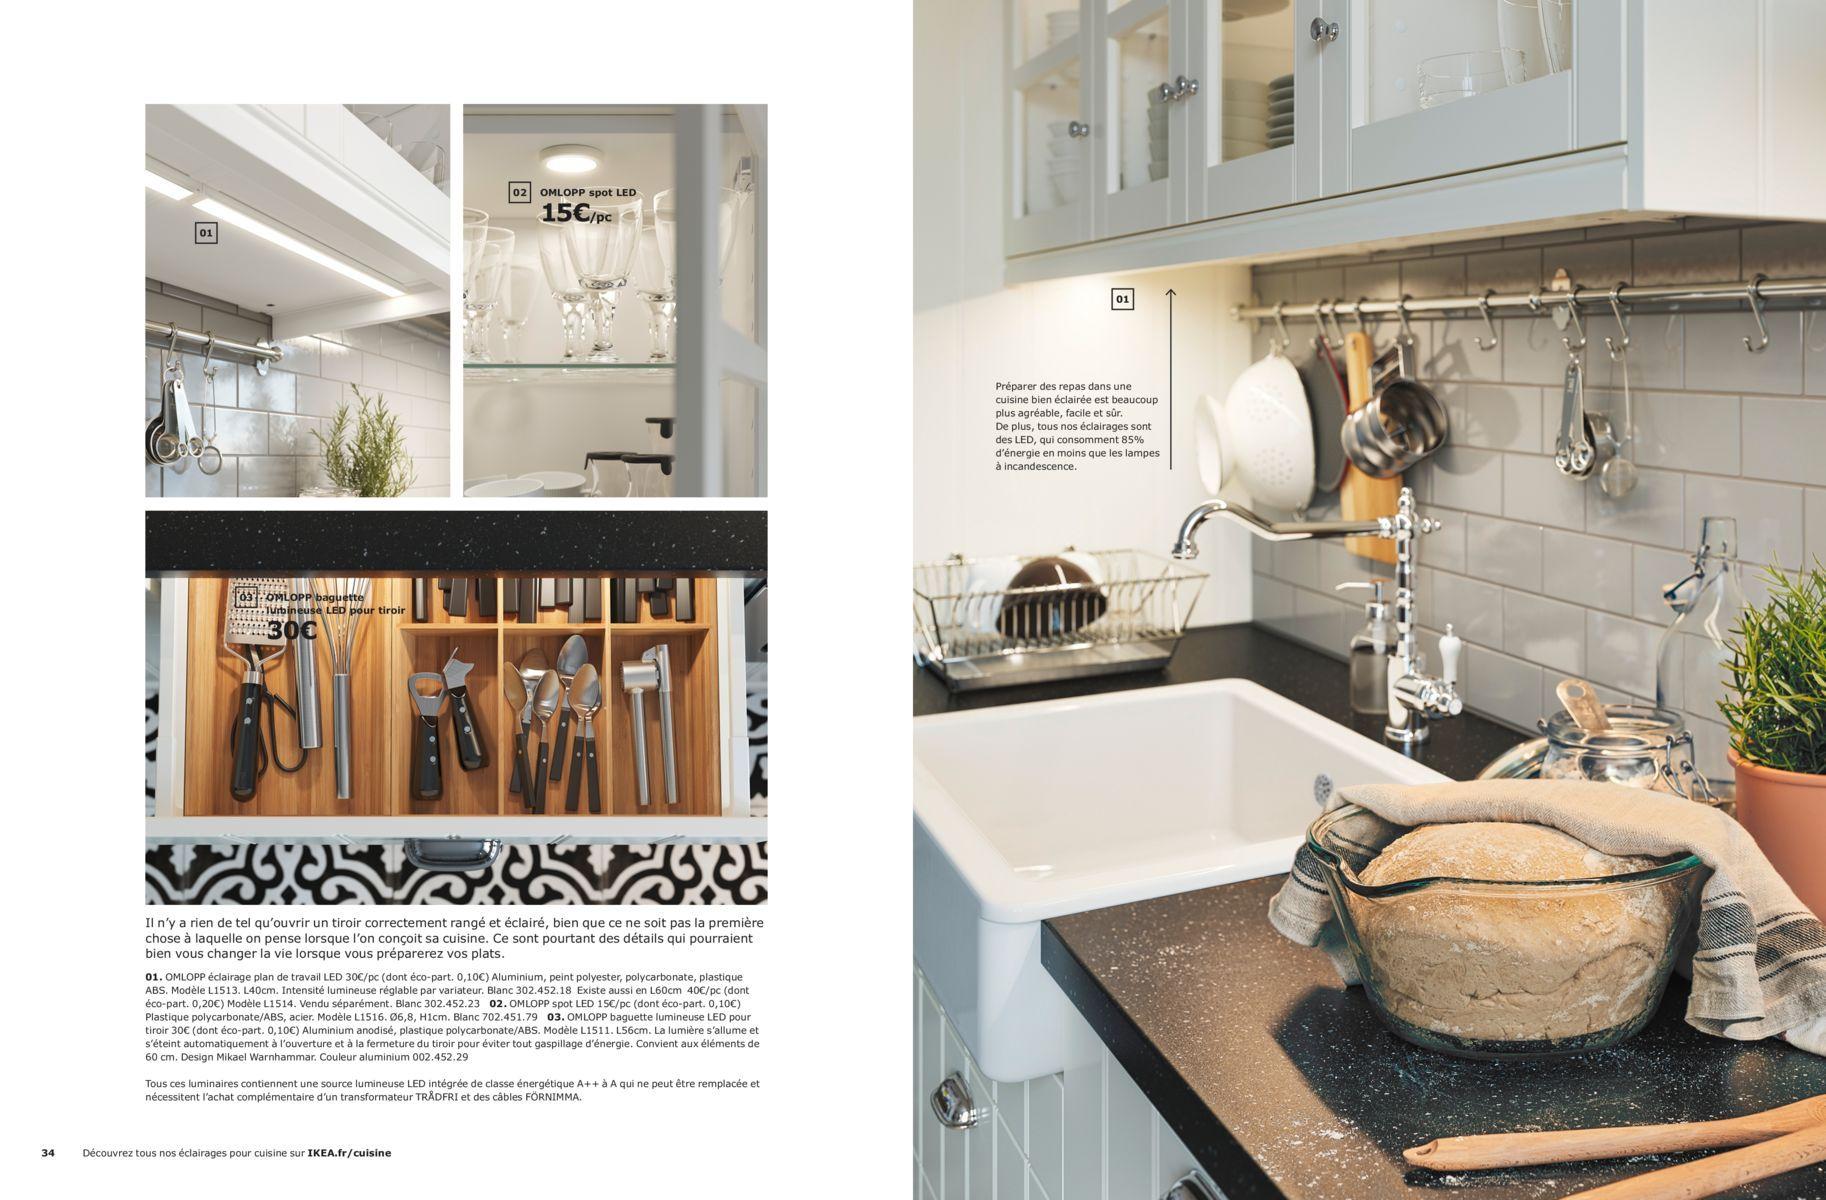 Choisissez Le Bon Eclairage Brochure Cuisines Ikea 2019 Cuisine Ikea Idee Cuisine Ikea